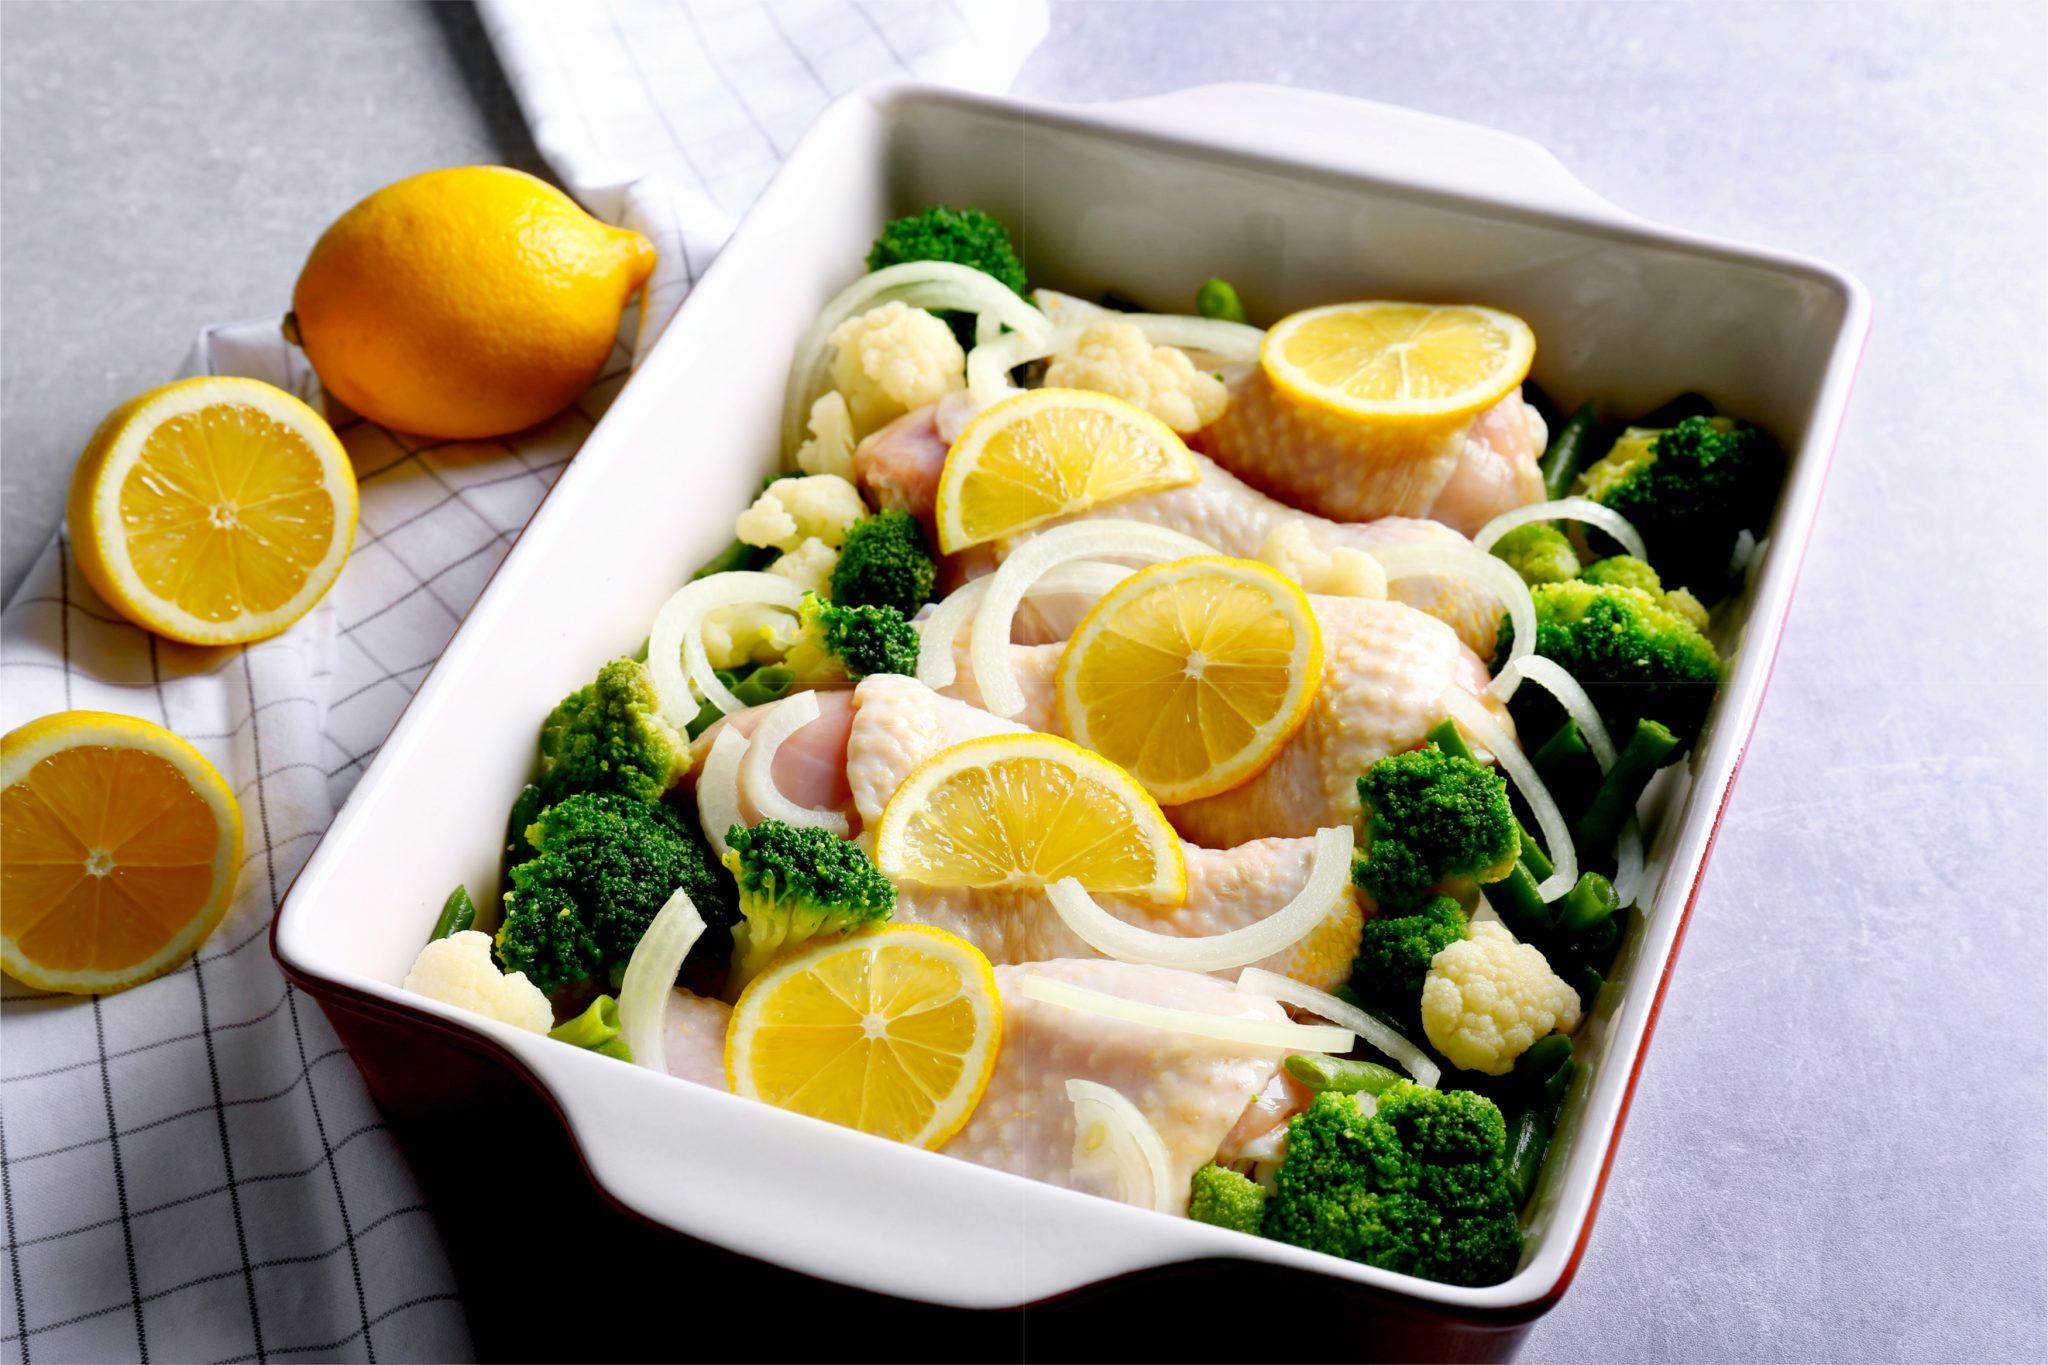 ブロッコリーとレモンを使った鶏肉料理